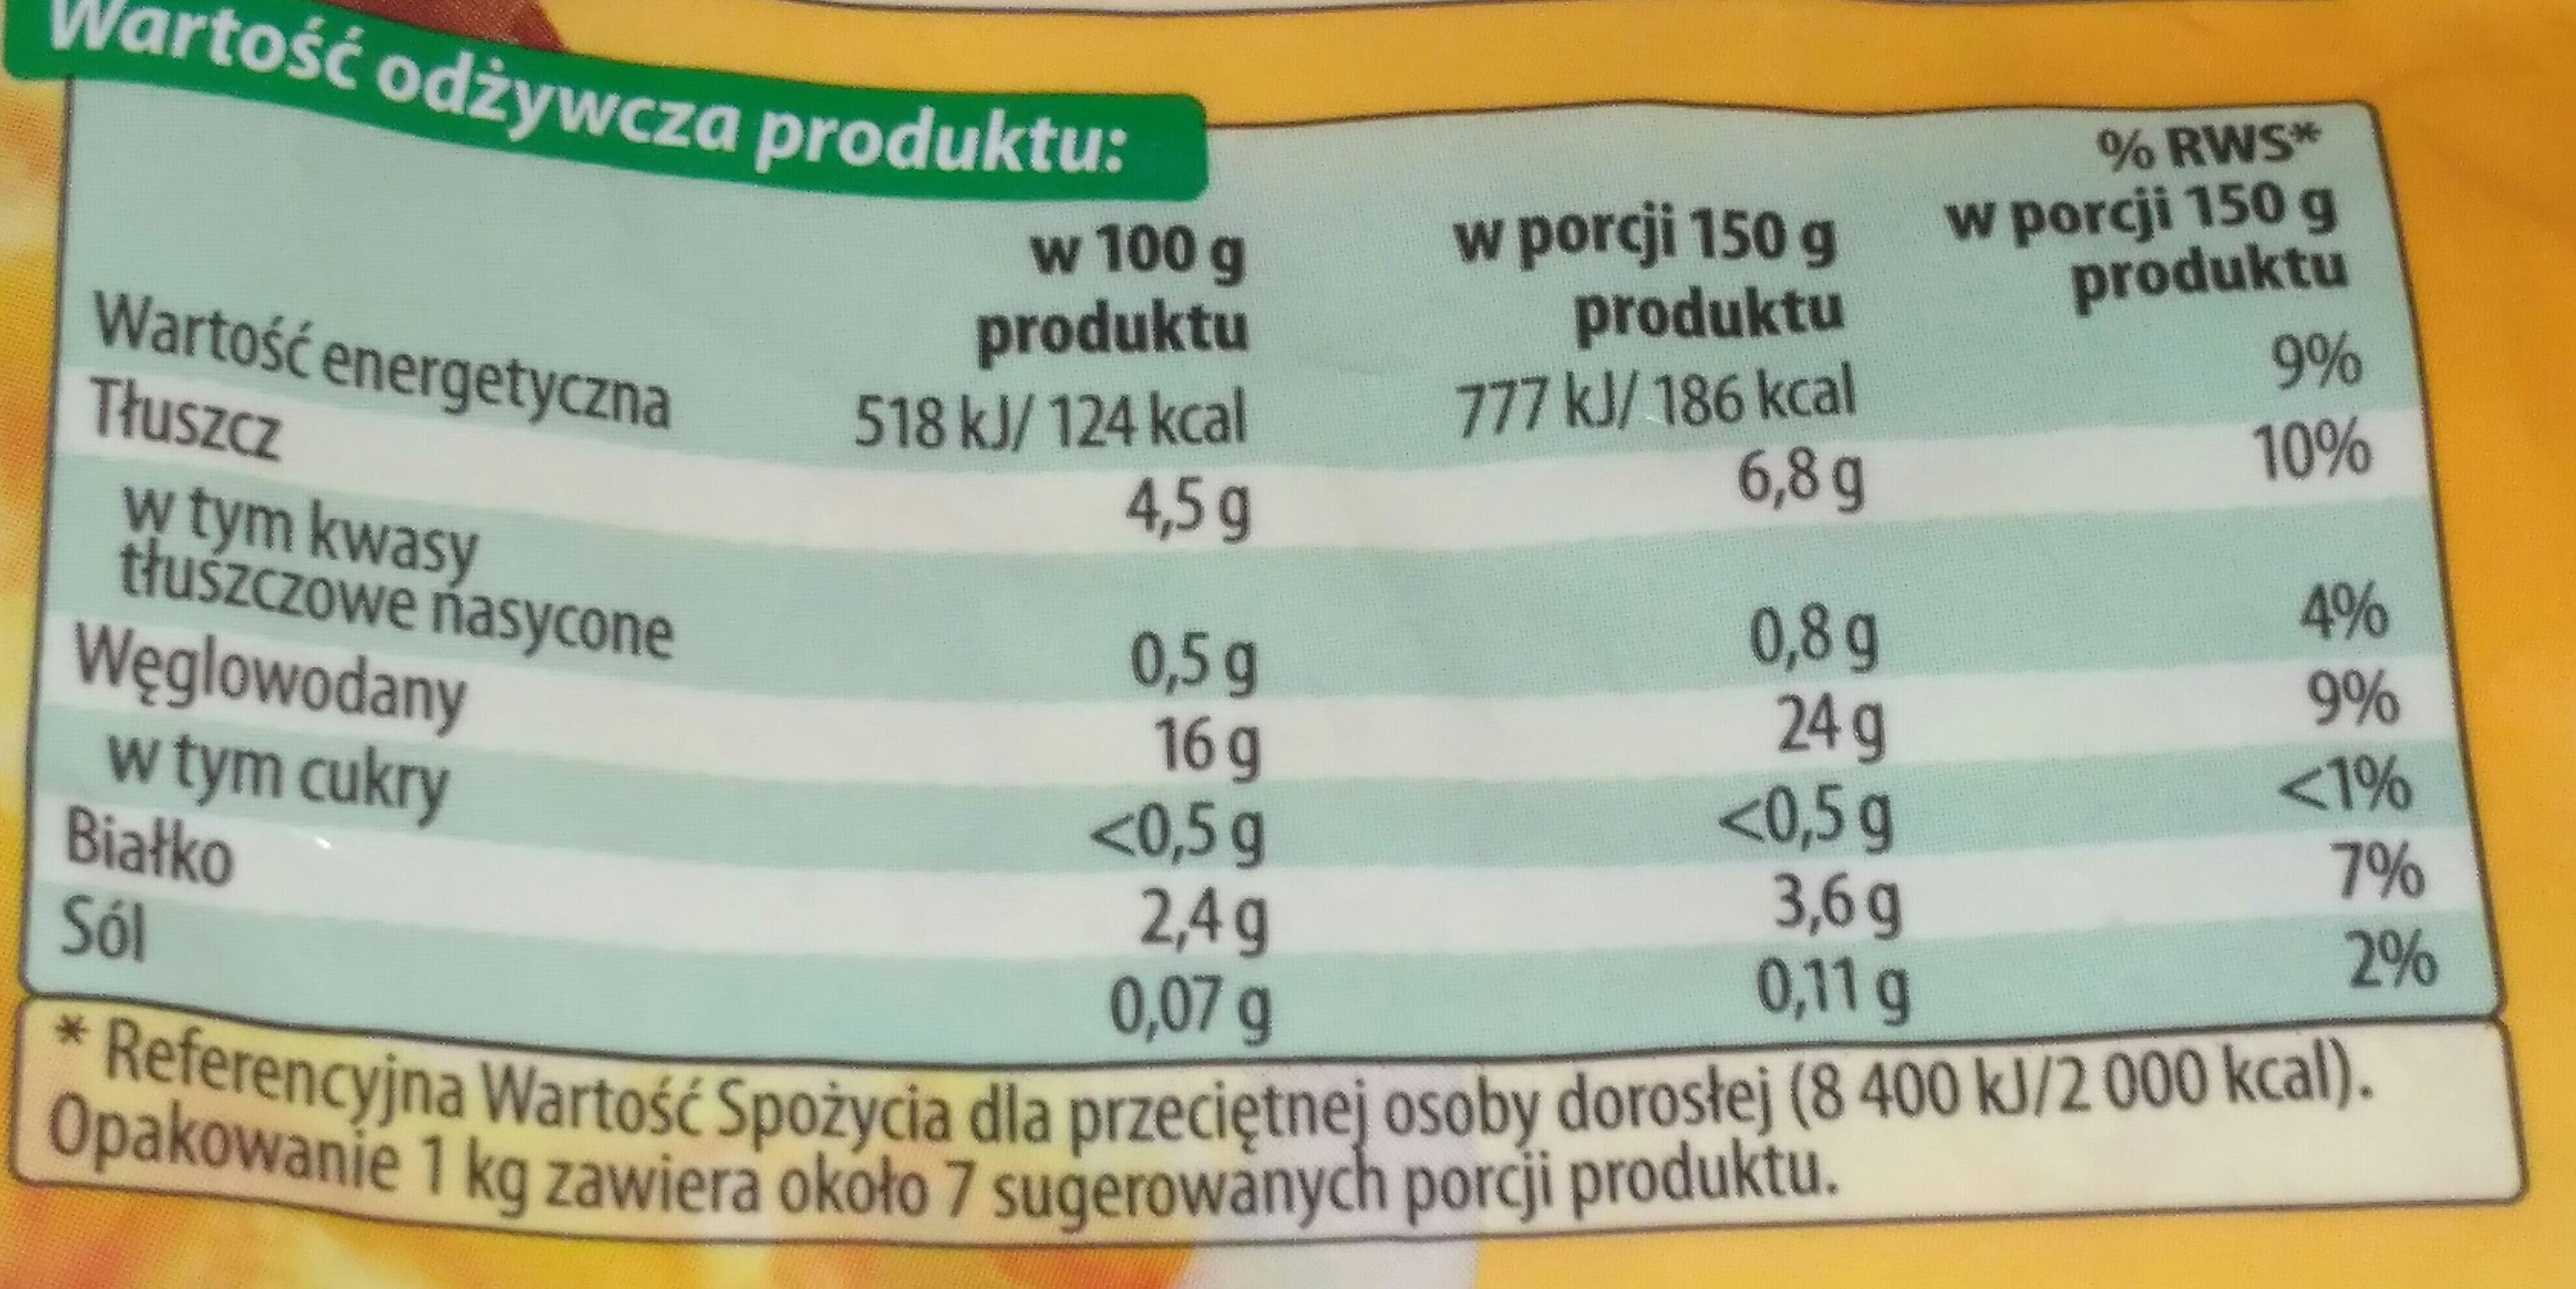 Frytki proste - Wartości odżywcze